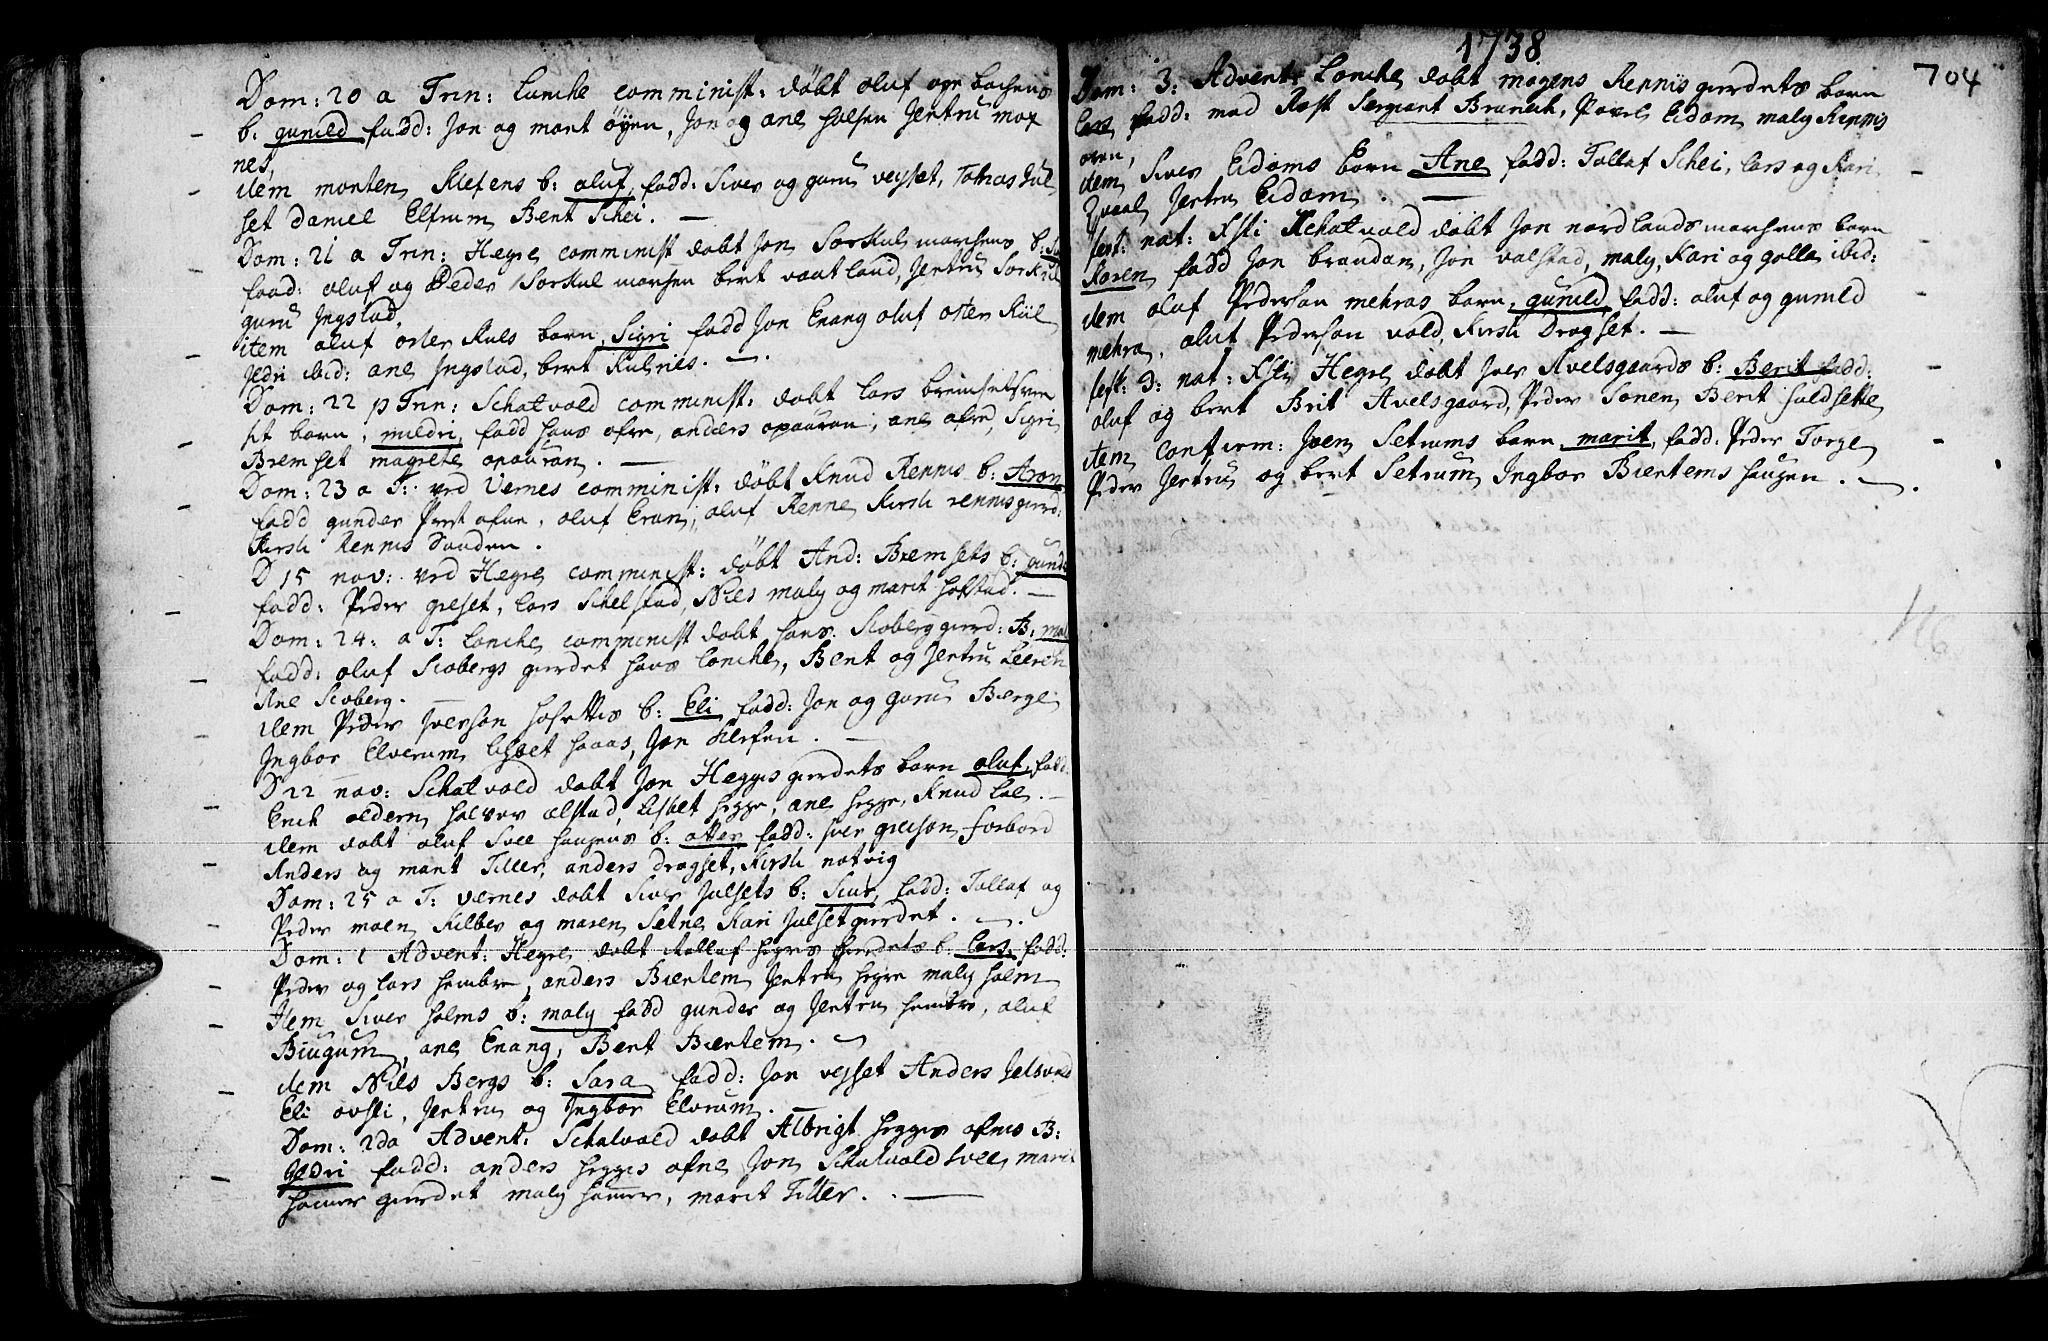 SAT, Ministerialprotokoller, klokkerbøker og fødselsregistre - Nord-Trøndelag, 709/L0055: Ministerialbok nr. 709A03, 1730-1739, s. 703-704